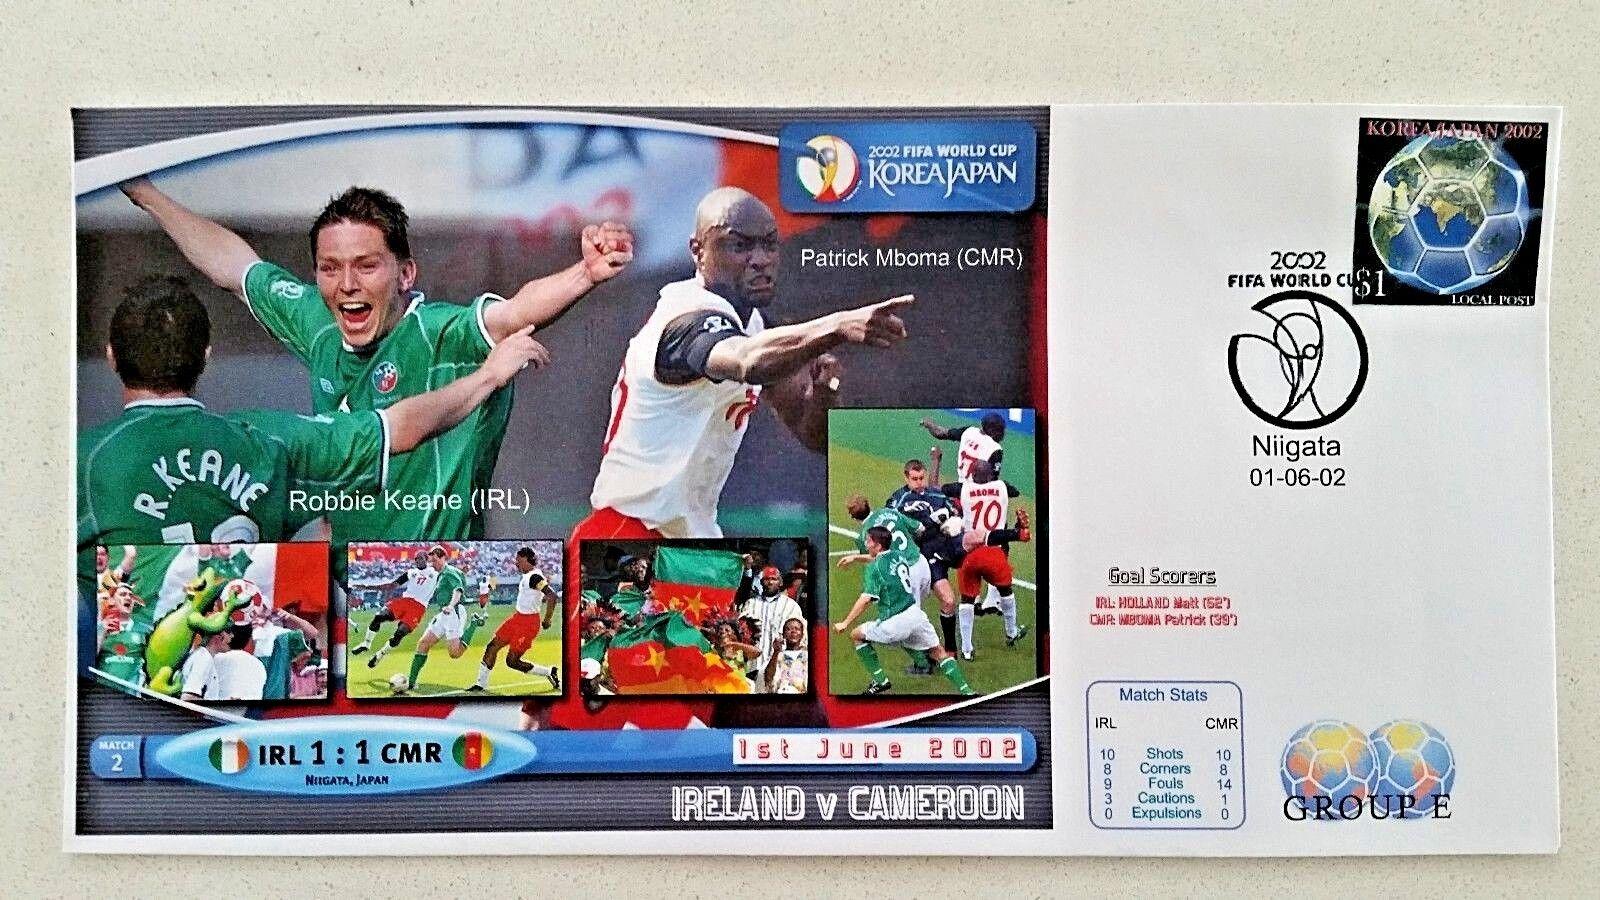 Primer día cubierta de la Copa Mundial Fifa Corea Japón 2002 Irlanda v Camerún